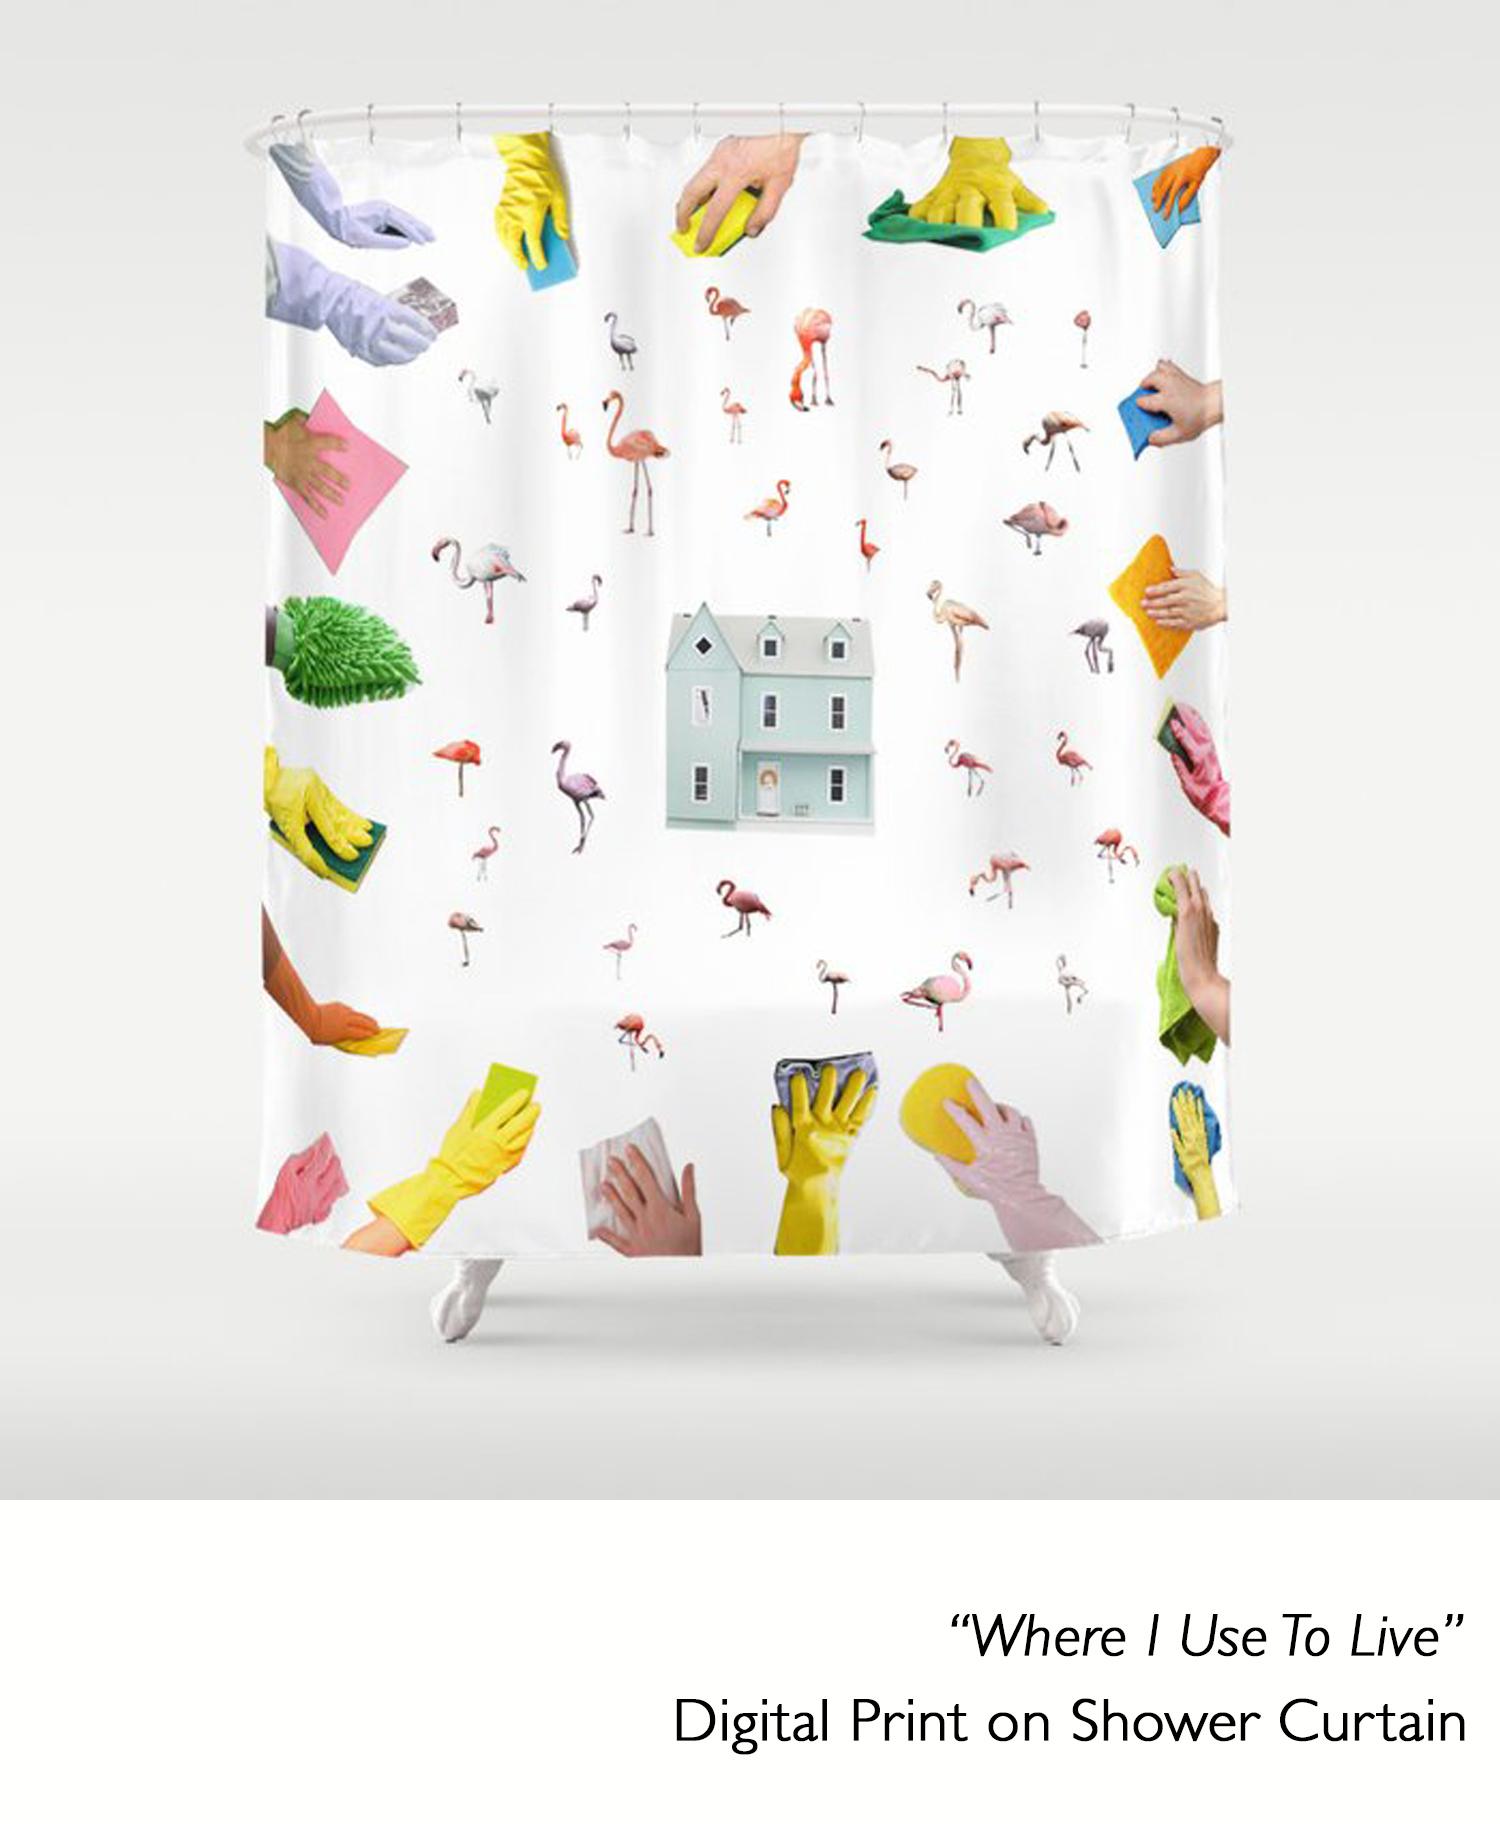 09_Where_I_use_to_live.jpg